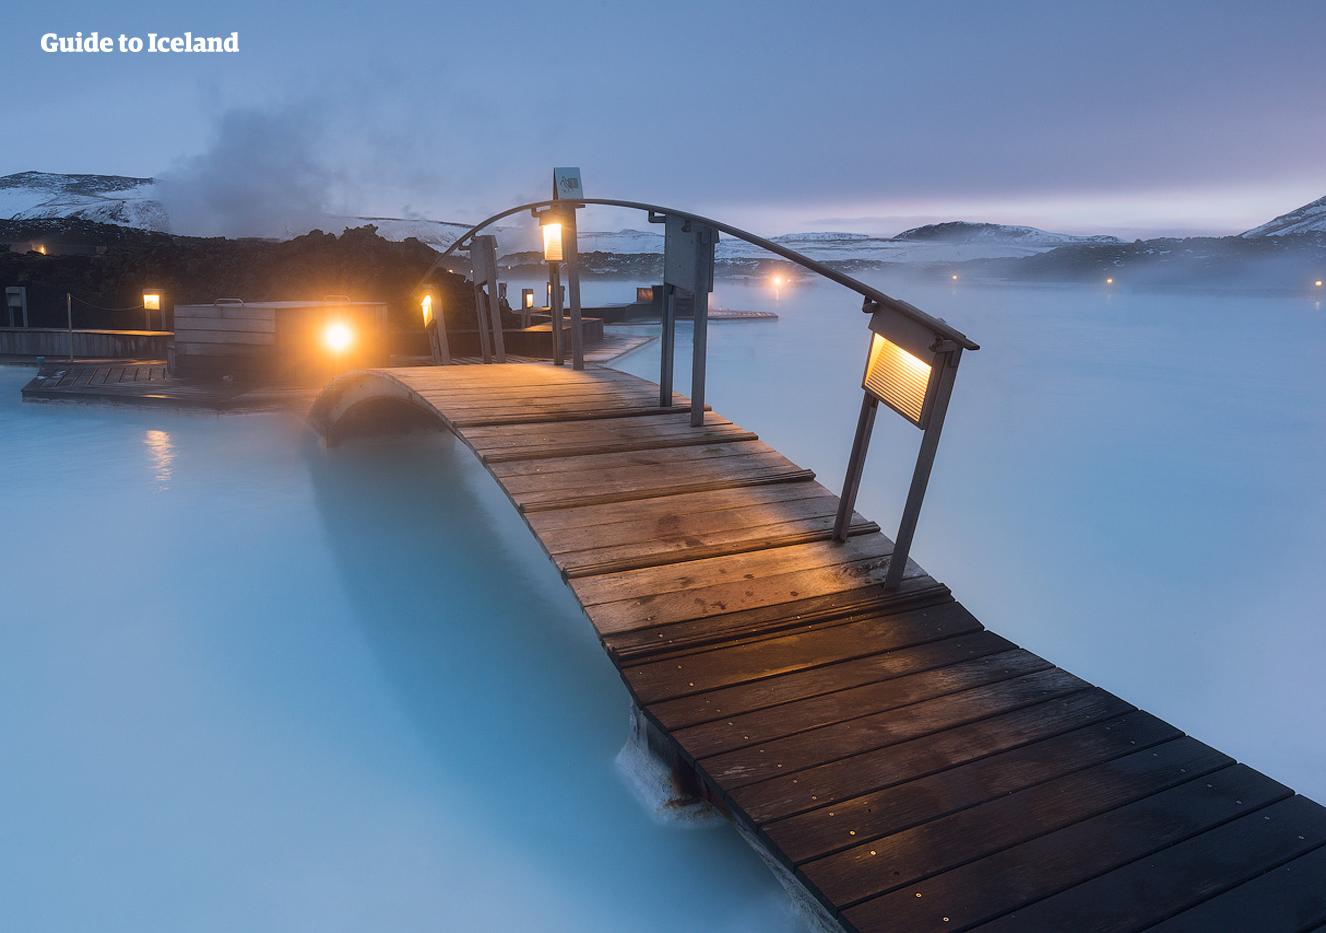 在蓝湖温泉的温润泉水中洗去长途旅行的疲惫,精神饱满地开启您的冰岛旅行